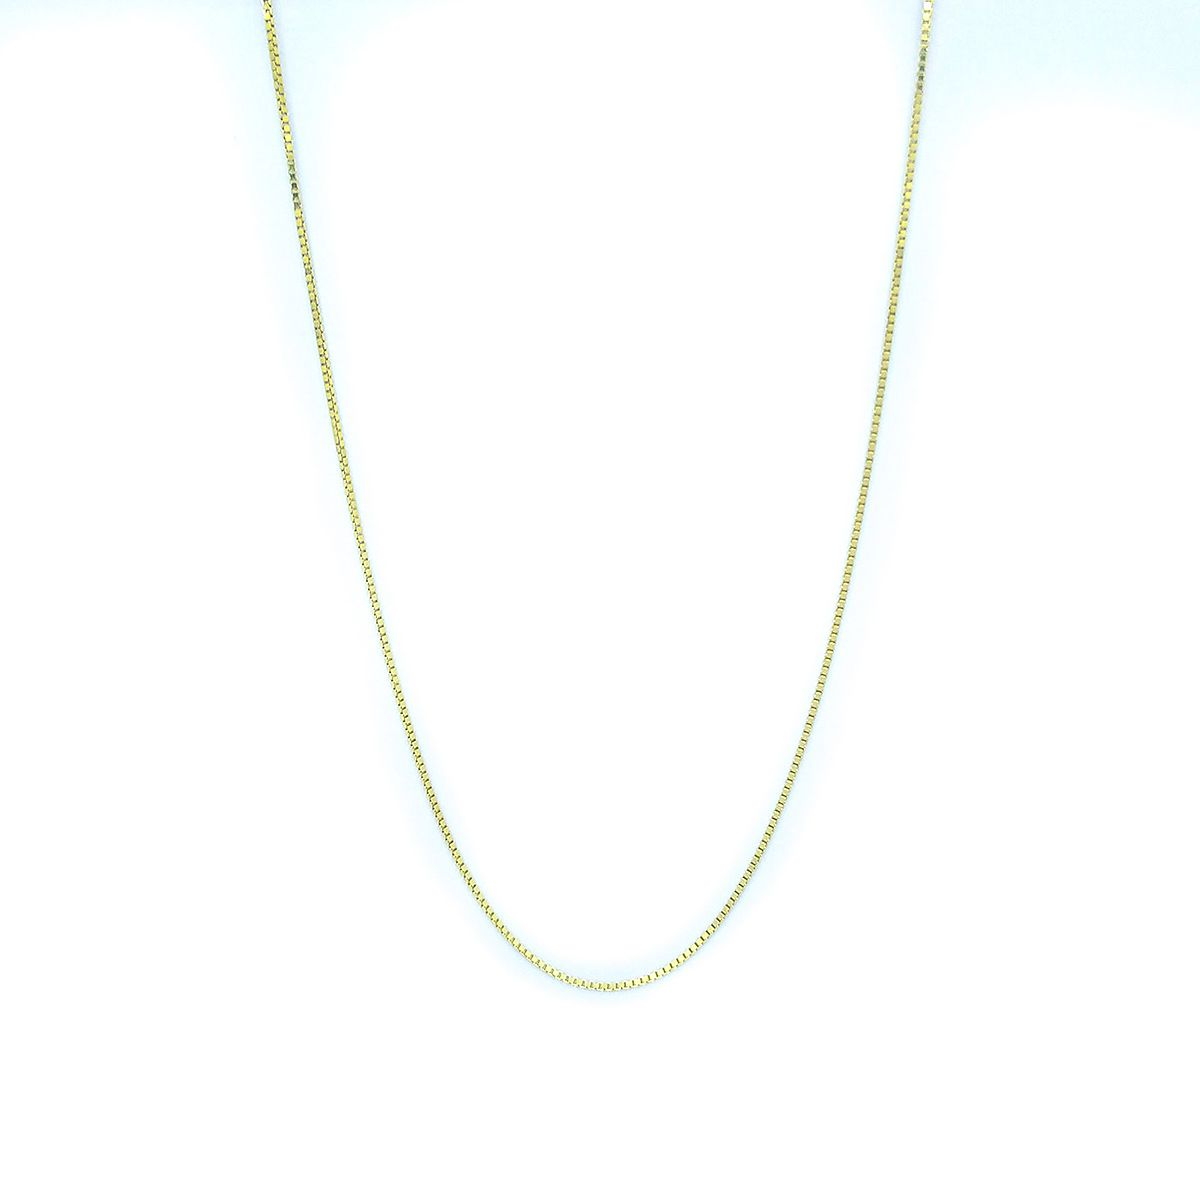 Corrente Veneziana em Ouro 18K - 50cm fina